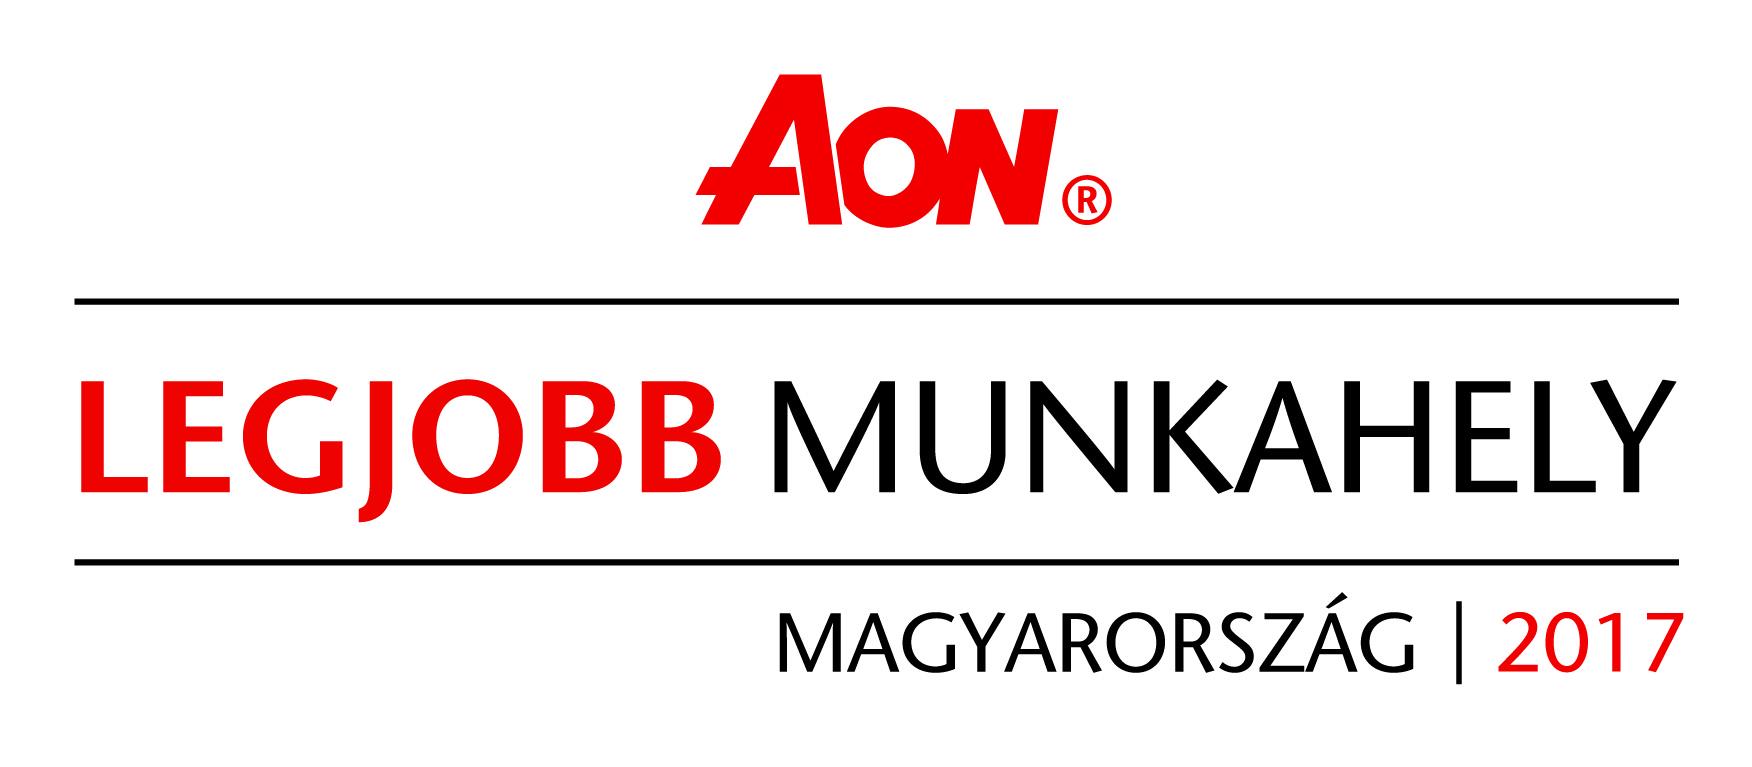 AON - Legjobb munkahely 2017